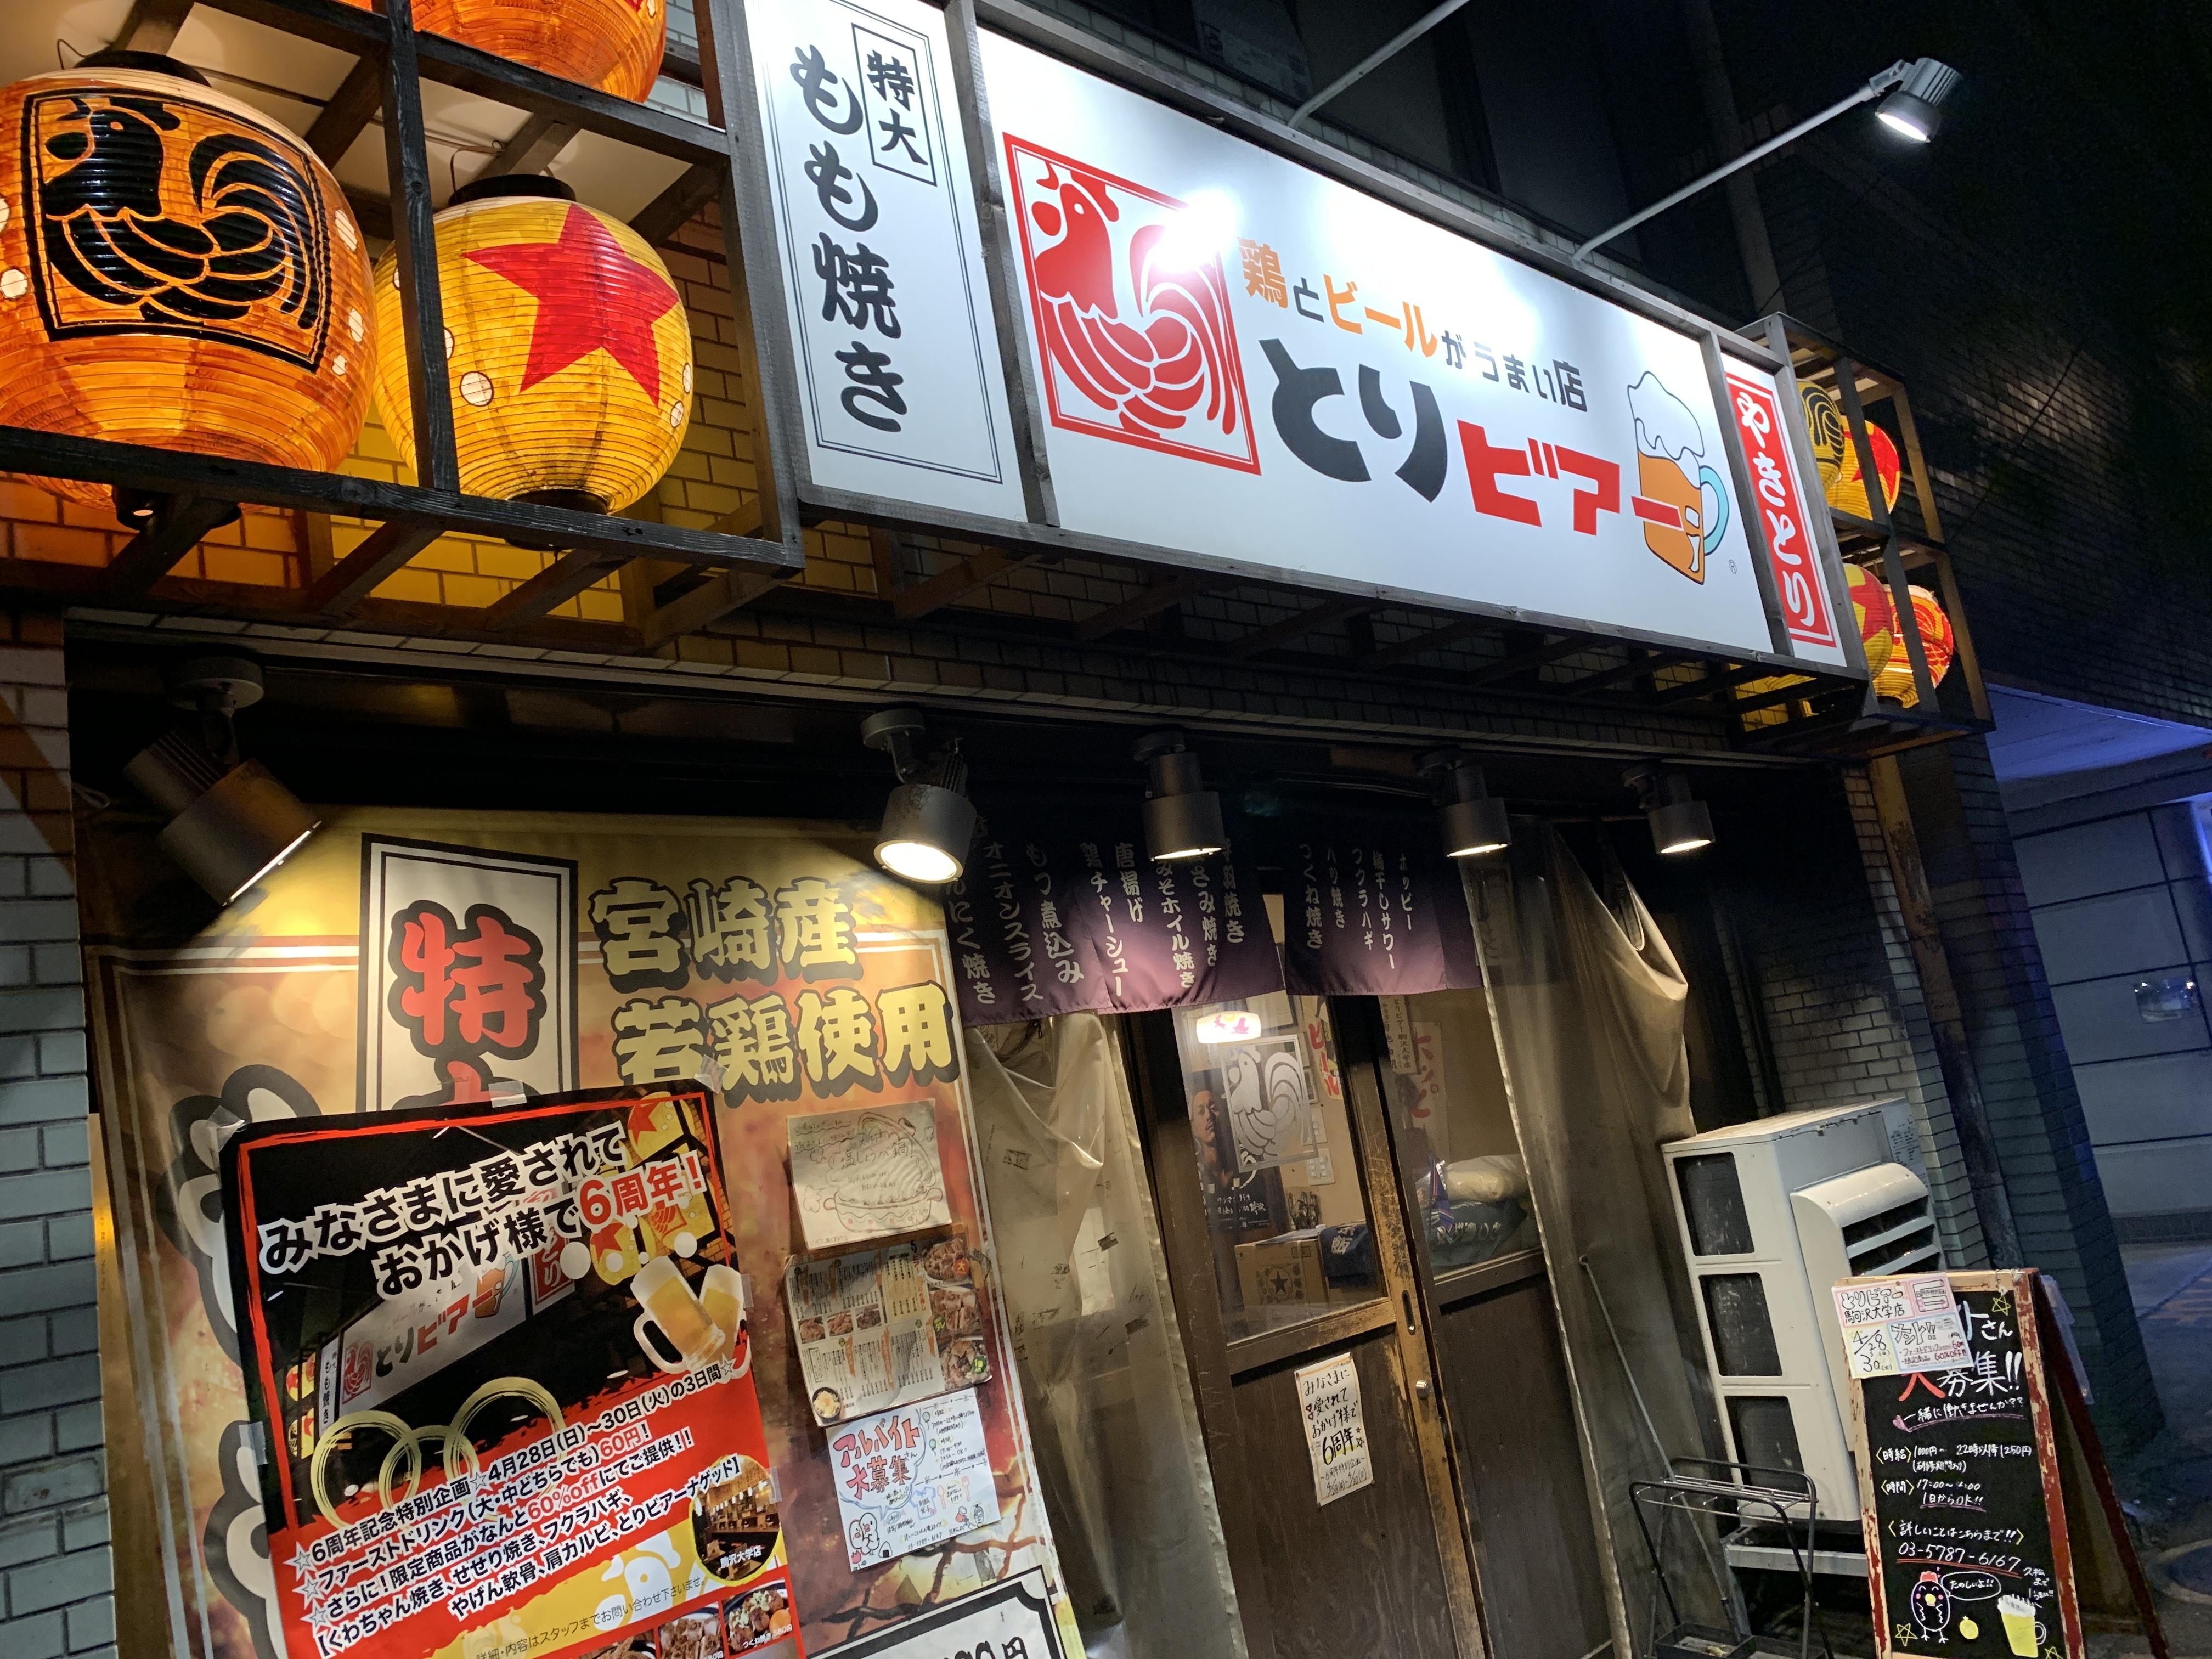 とりビアー 駒沢大学店【ひとり飲みOK 旨くて安い】駒沢大学や三軒茶屋徒歩圏